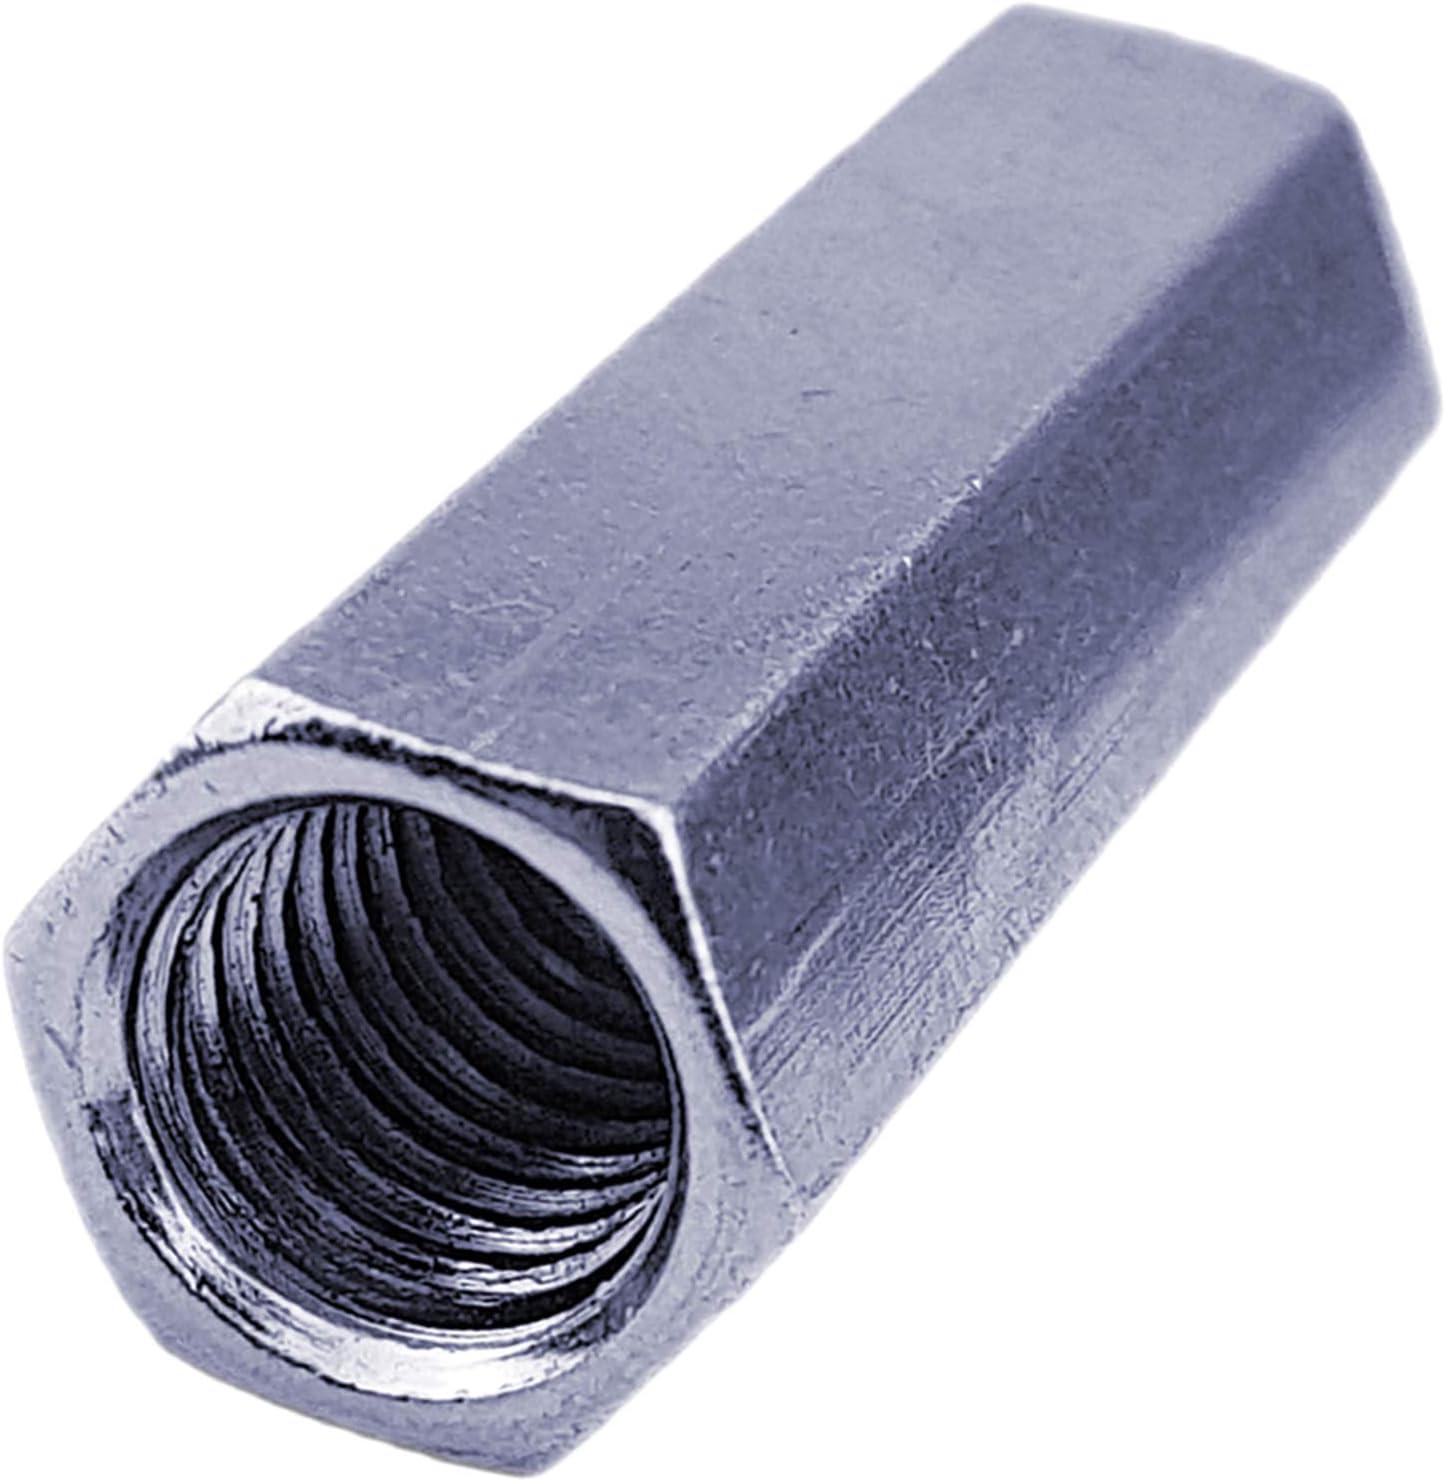 | Sechskant Gr/ö/ße M14 x L/änge 42mm verzinkt 5 St/ück QUALIT/ÄTS VERBINDUNGSMUTTER Stahl